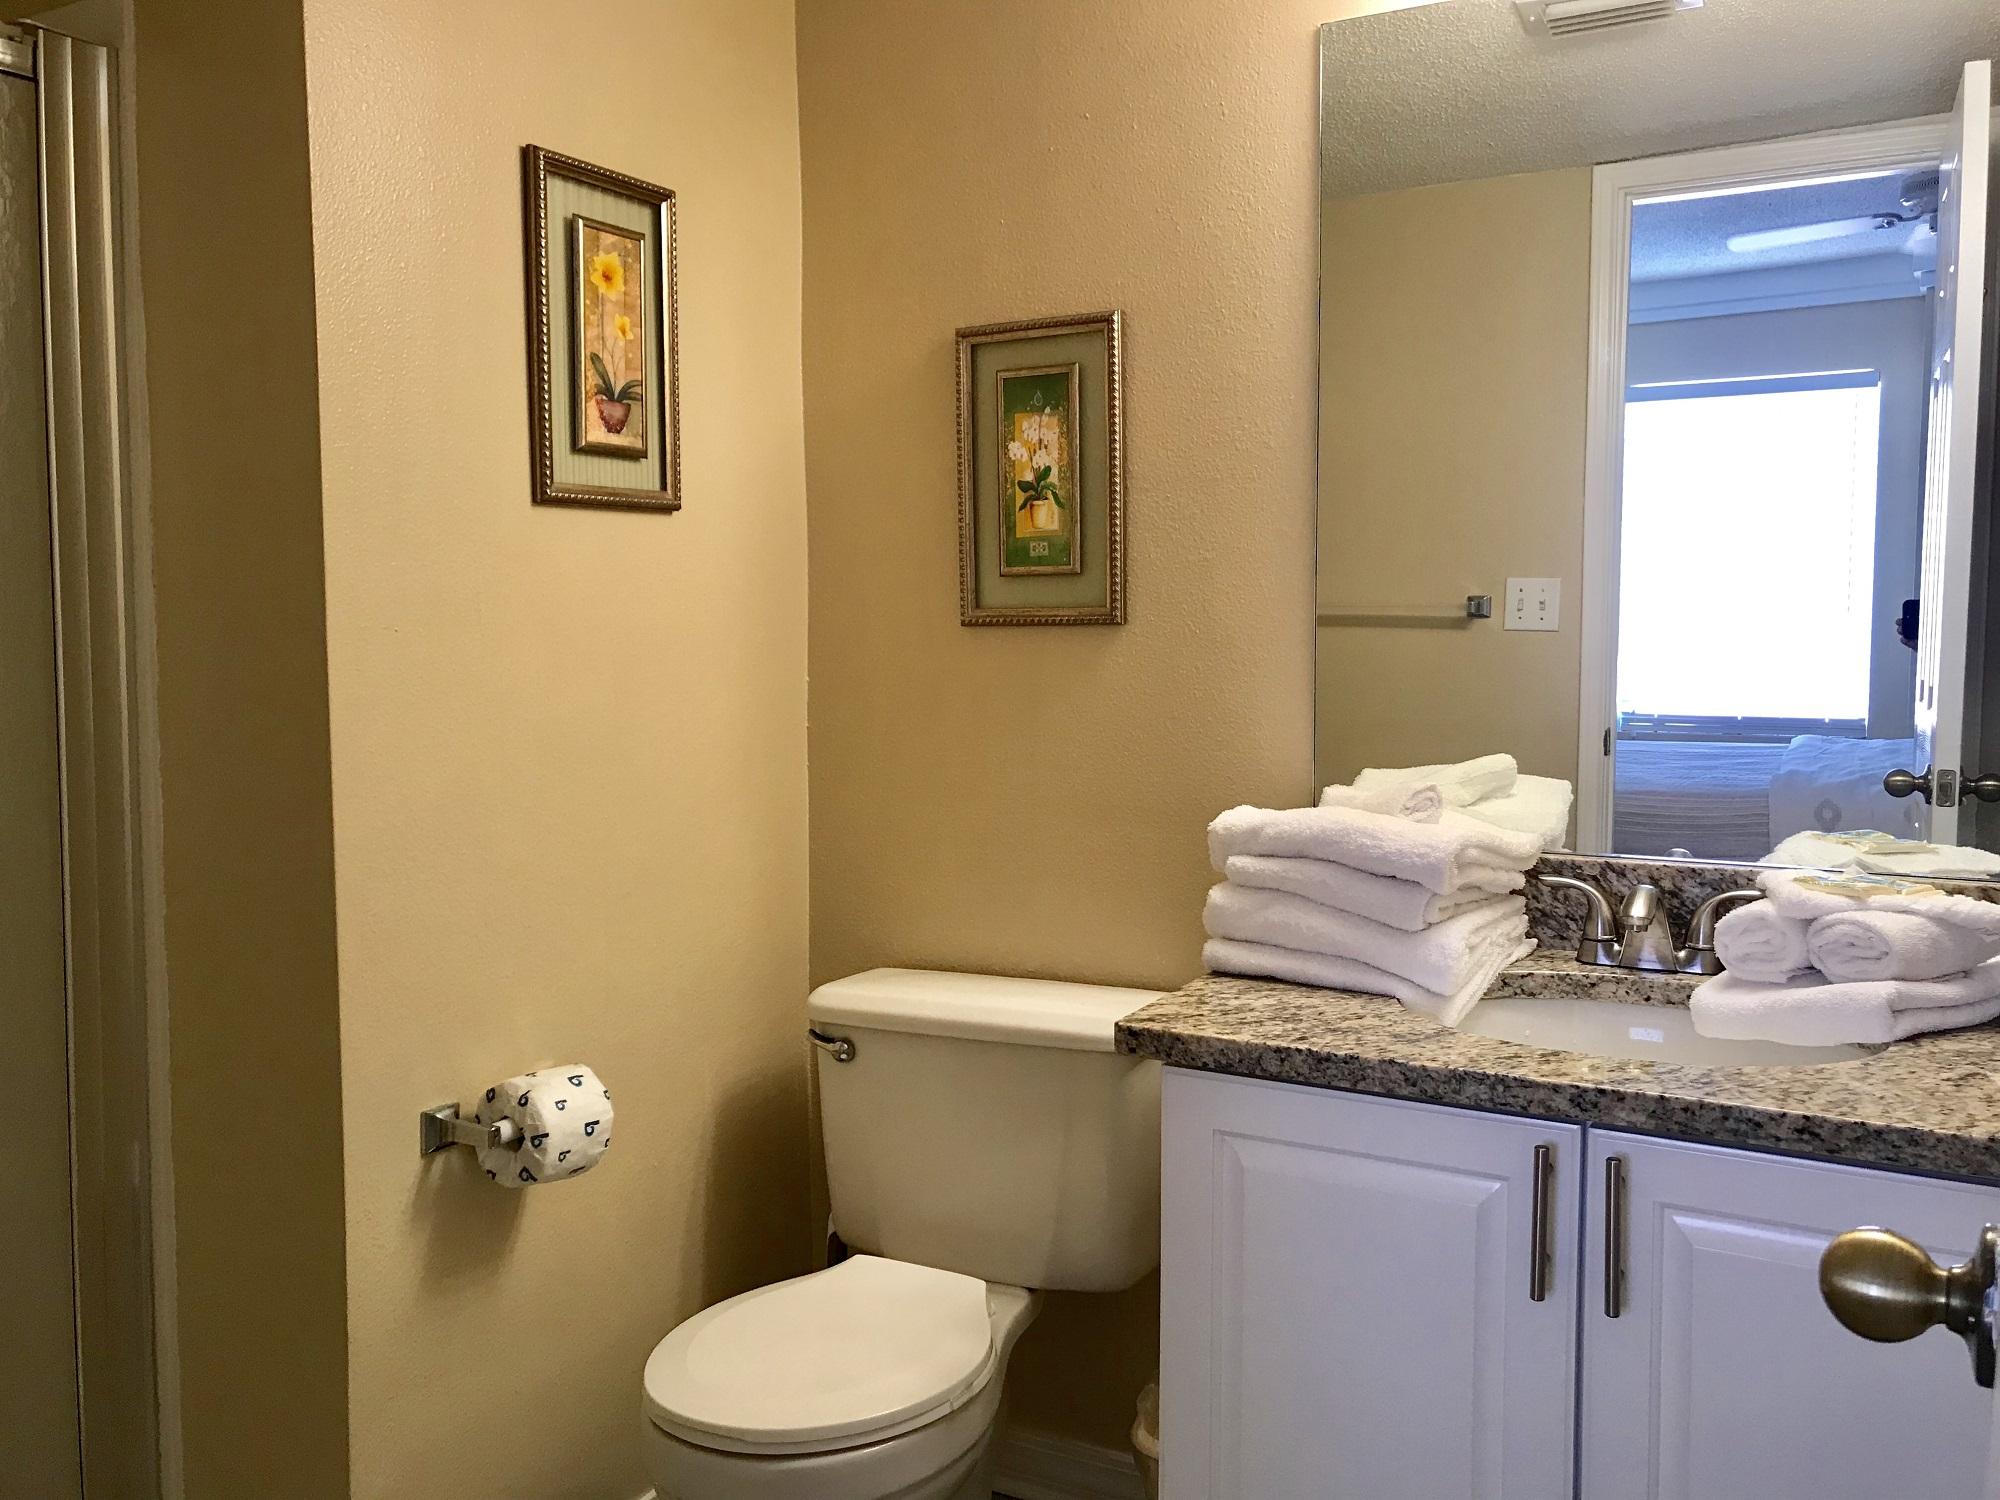 Ocean House 2701 Condo rental in Ocean House - Gulf Shores in Gulf Shores Alabama - #23